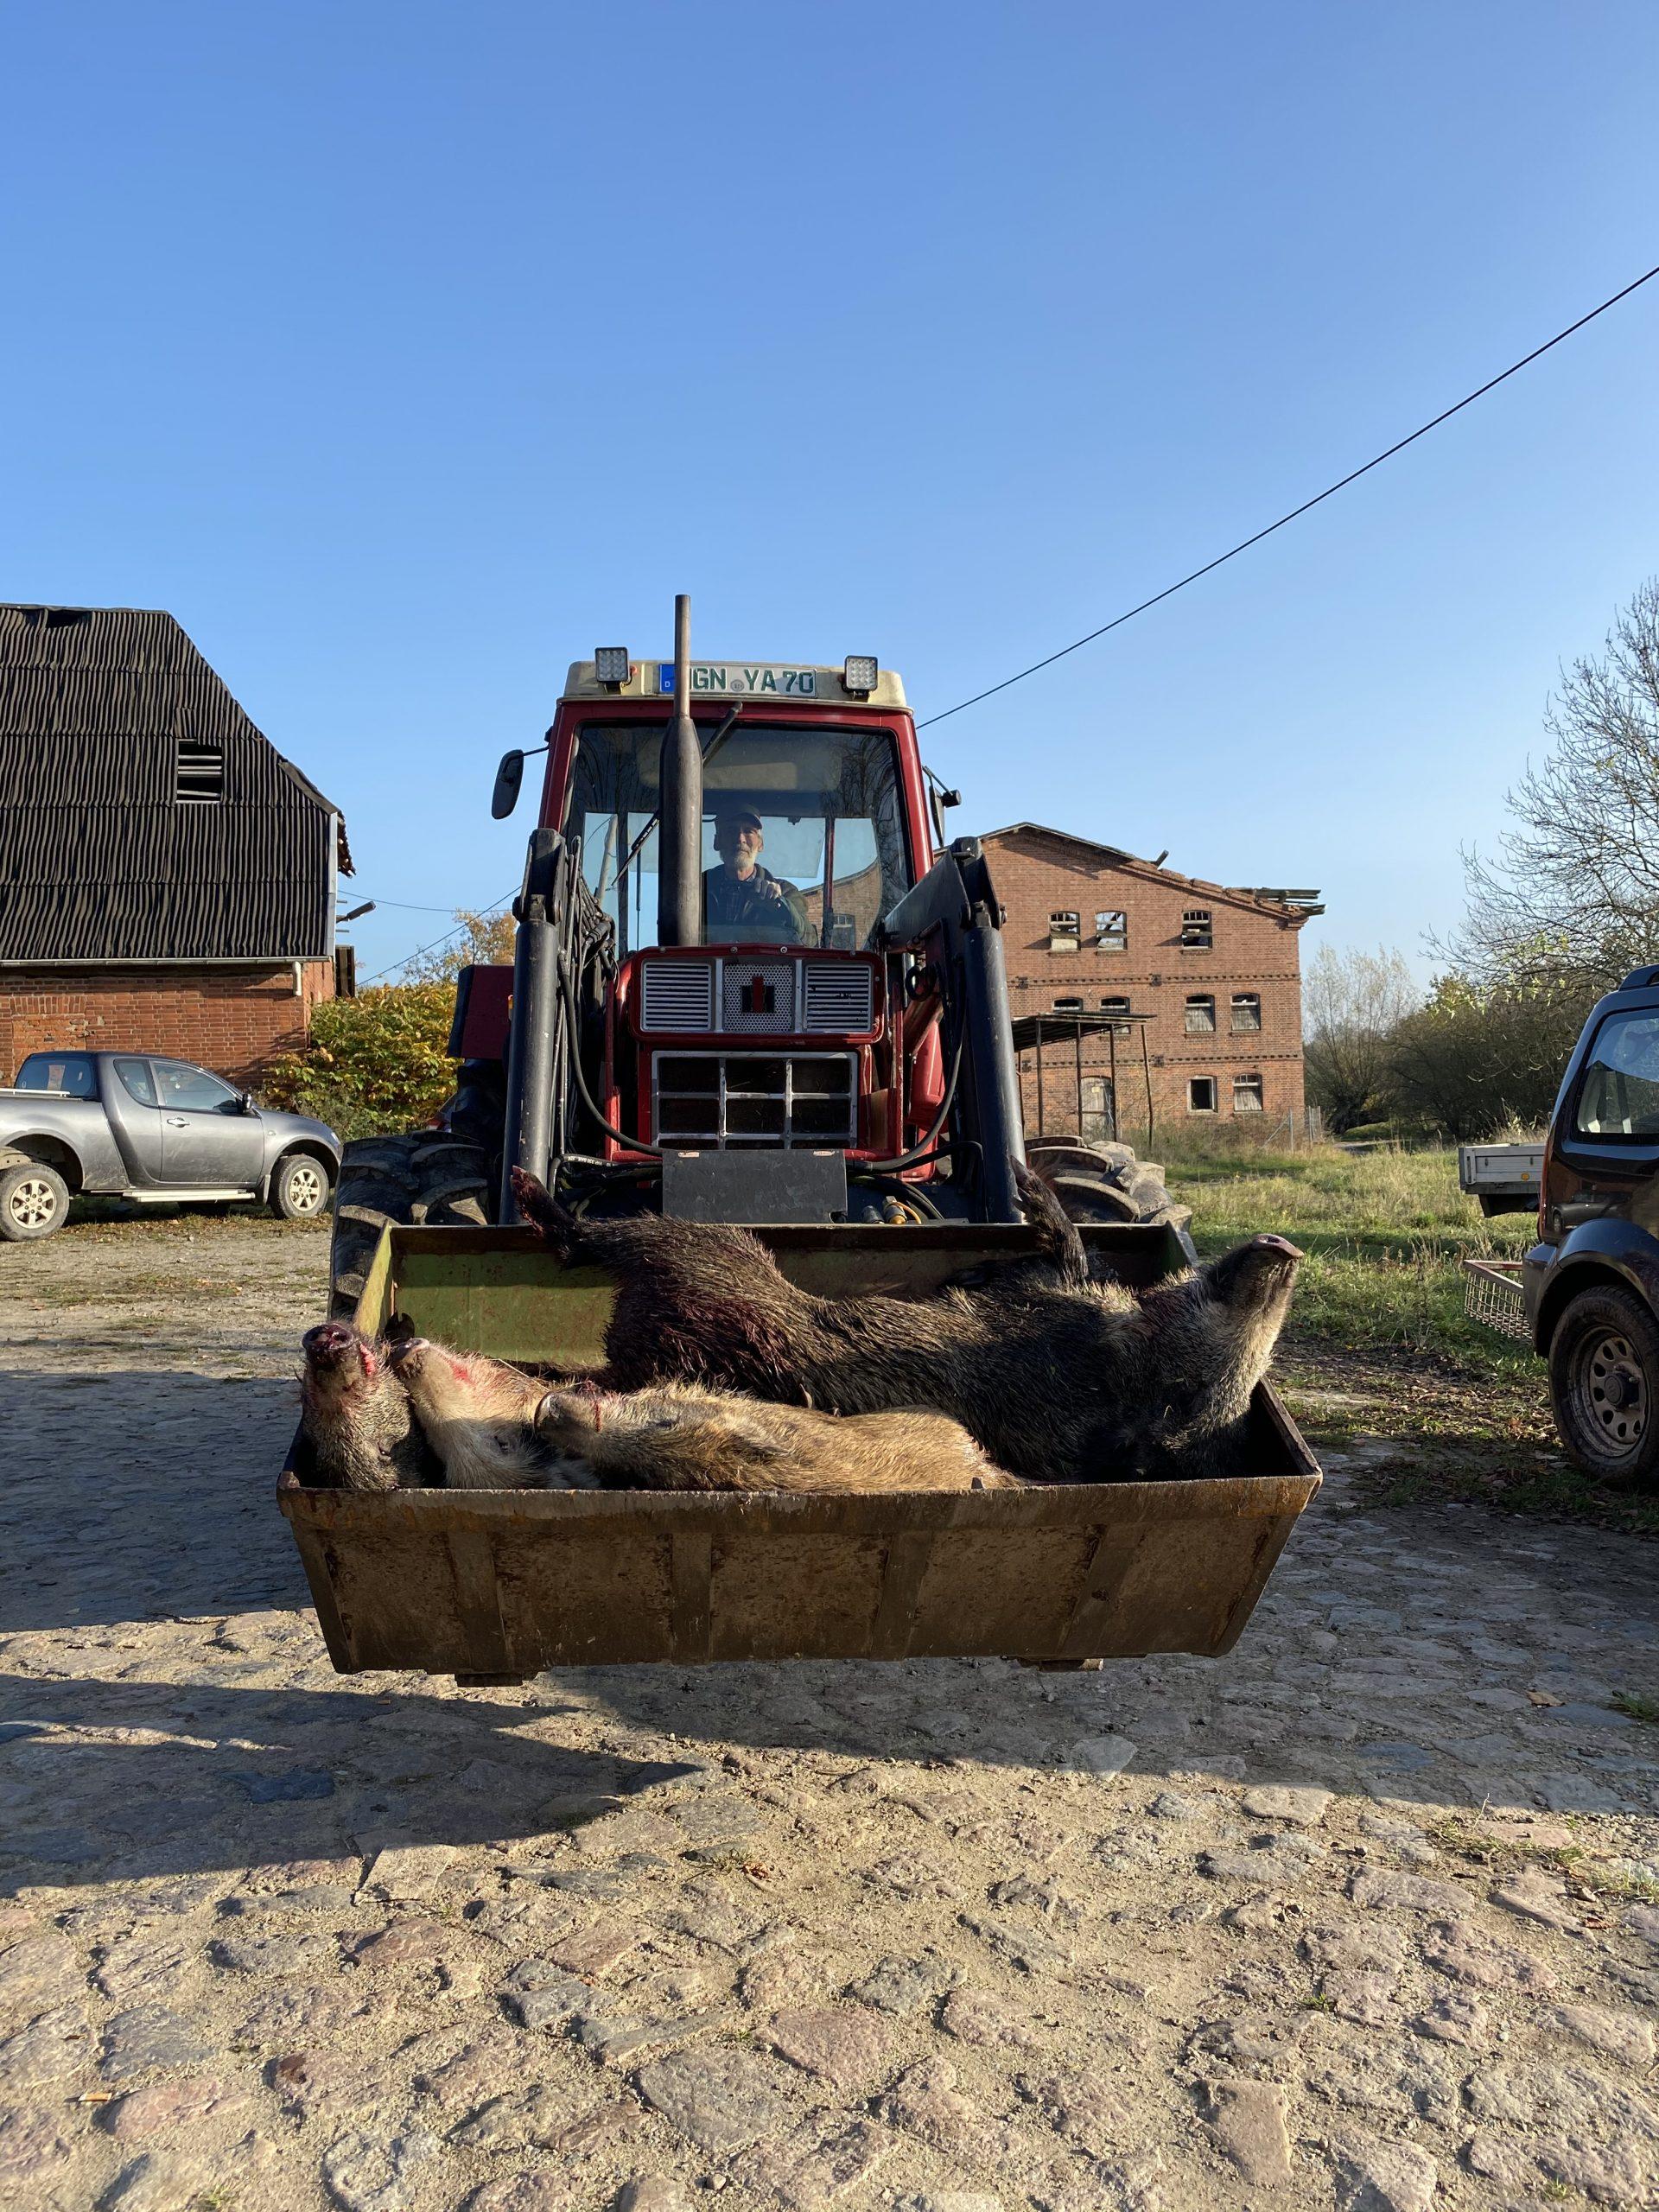 Jagd auf Wildschweine Mecklenburg-Vorpommern